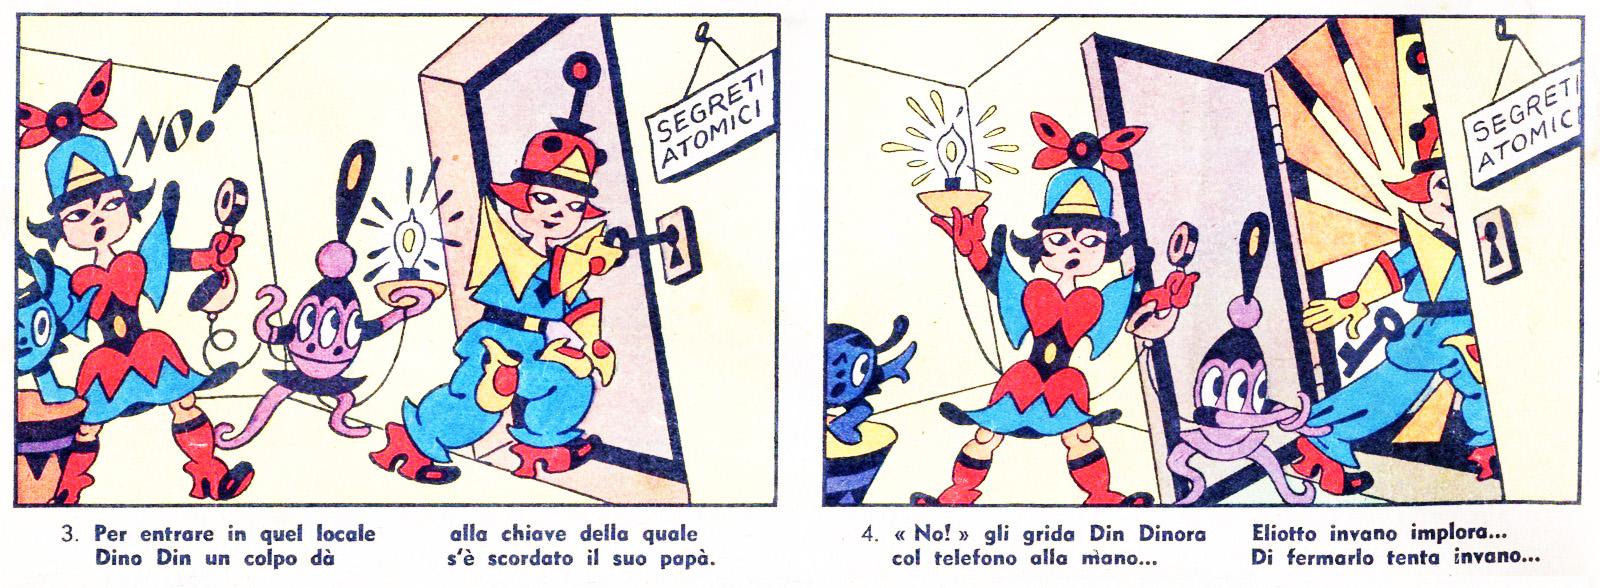 Antonio Rubino, Corriere dei Piccoli del 1 gennaio 1956